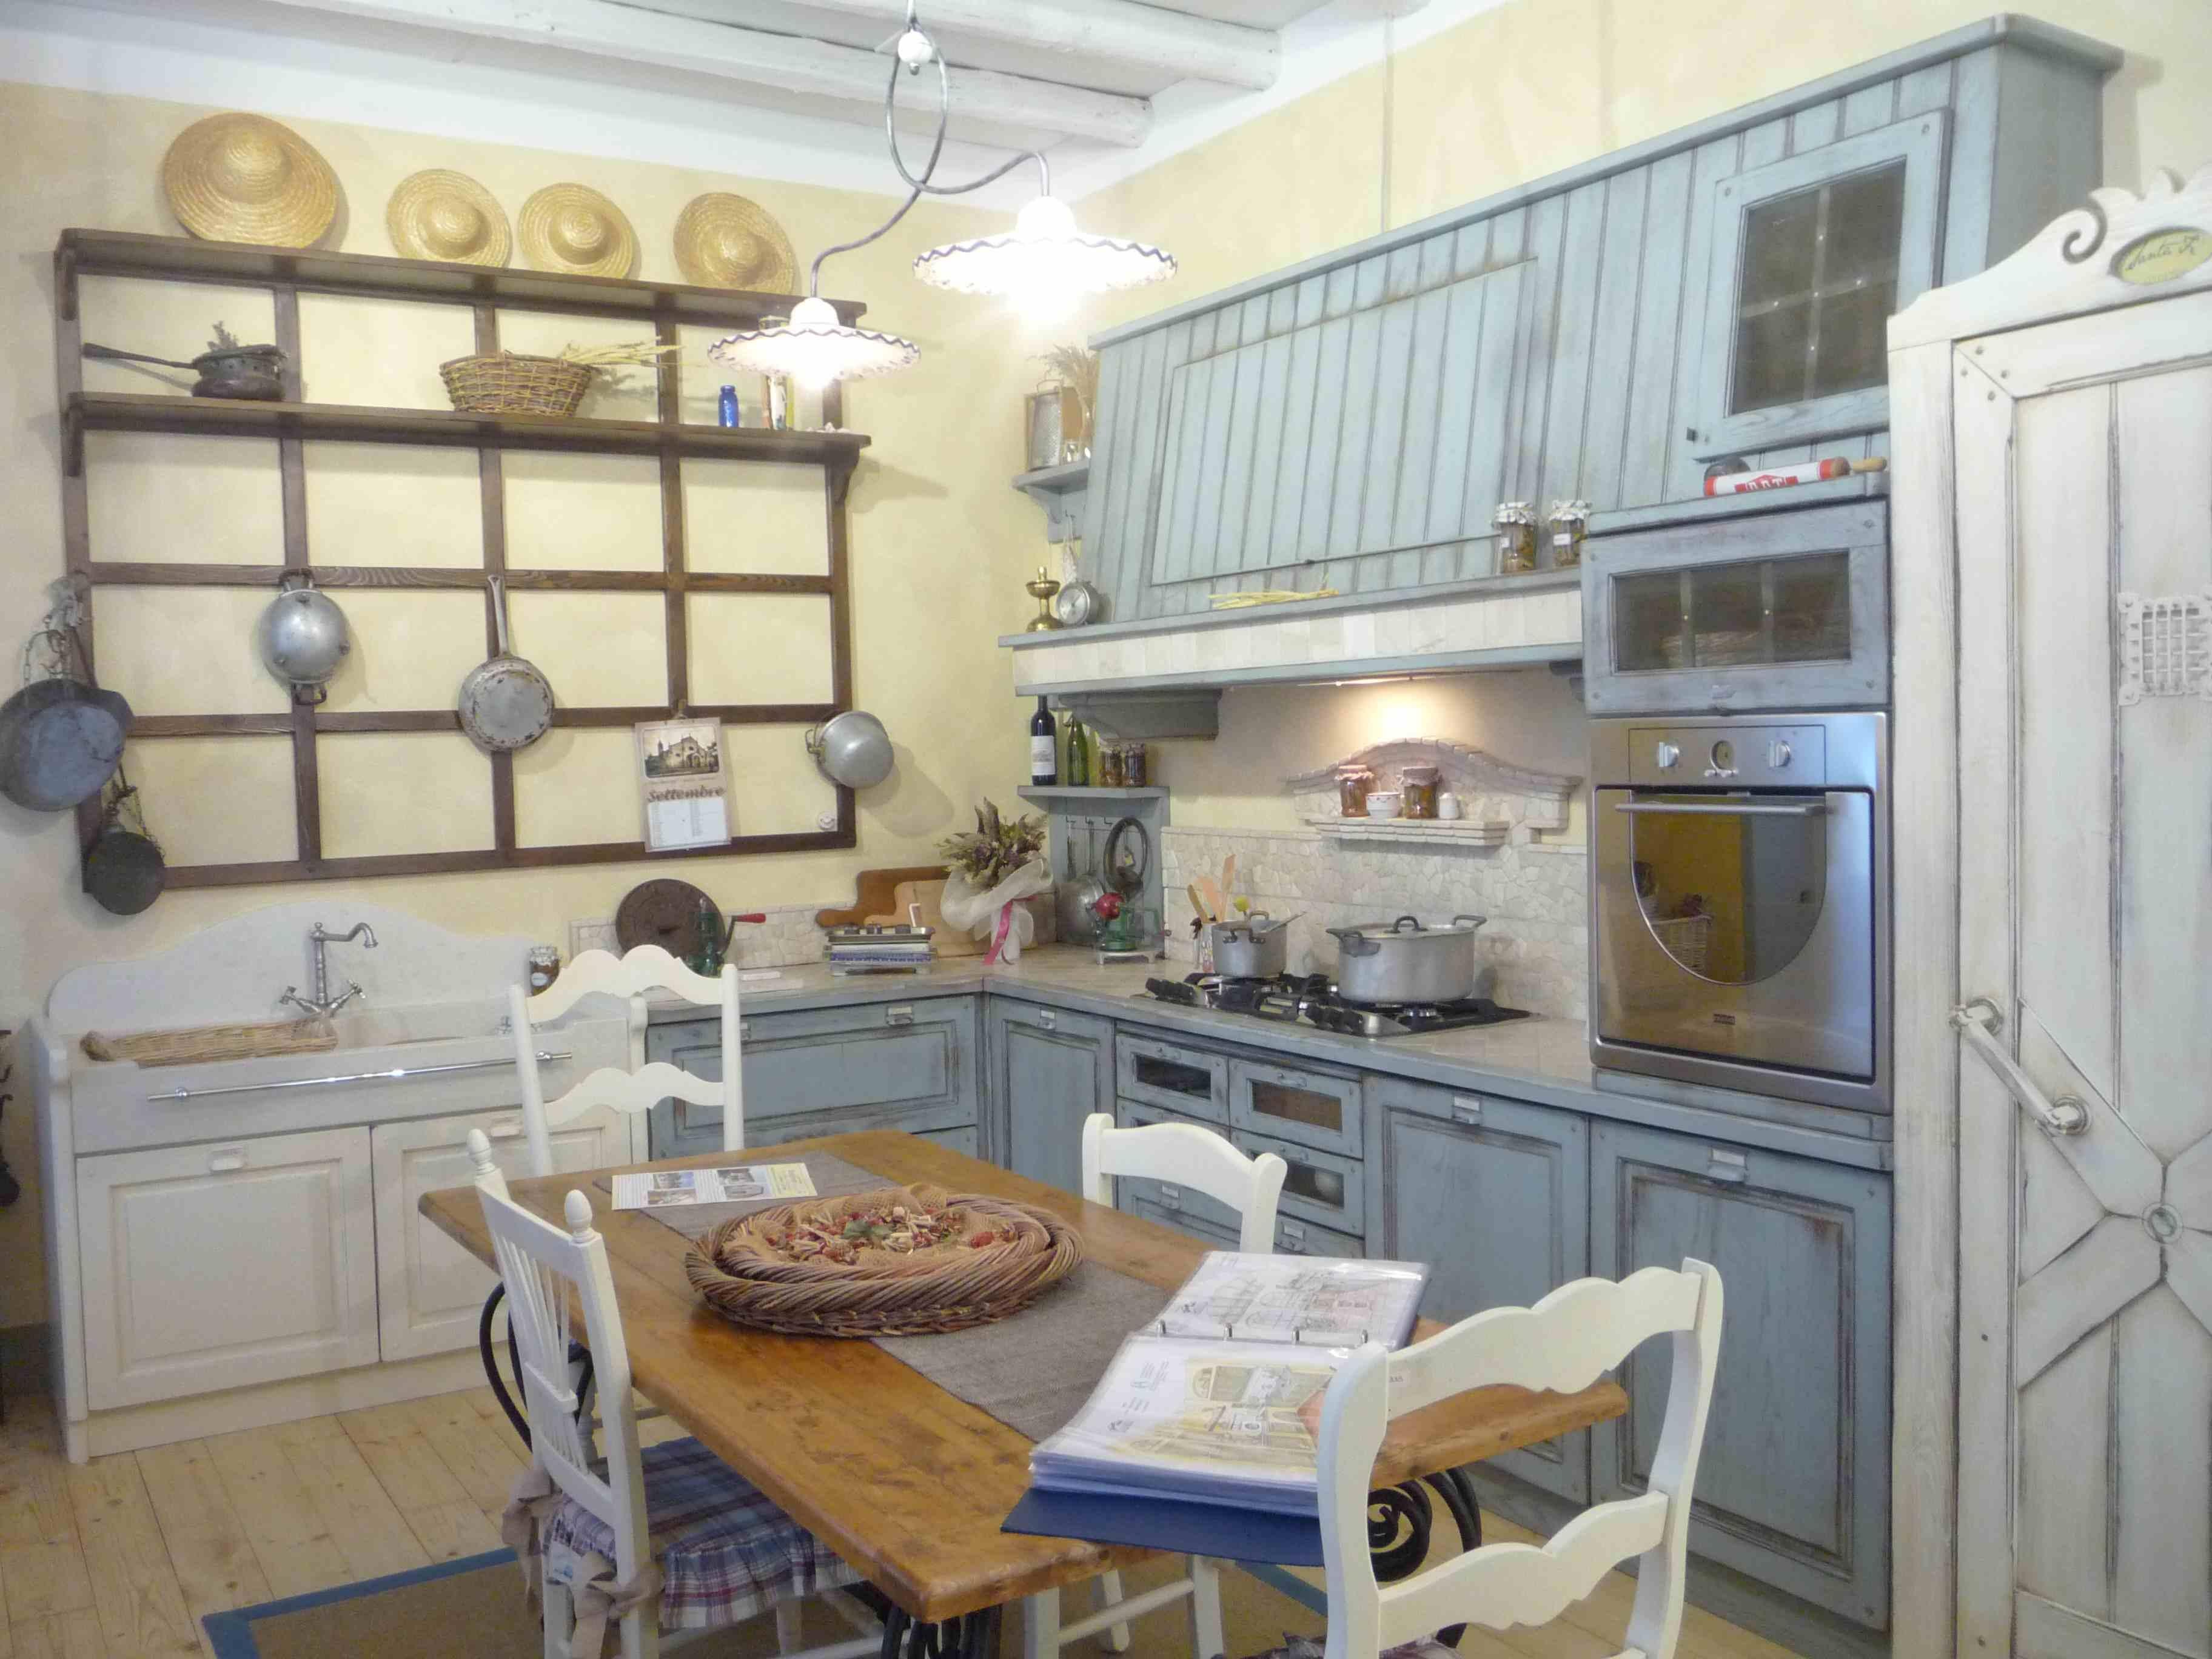 Marchi cucine Cucina New orleans scontato del -50 % - Cucine a ...